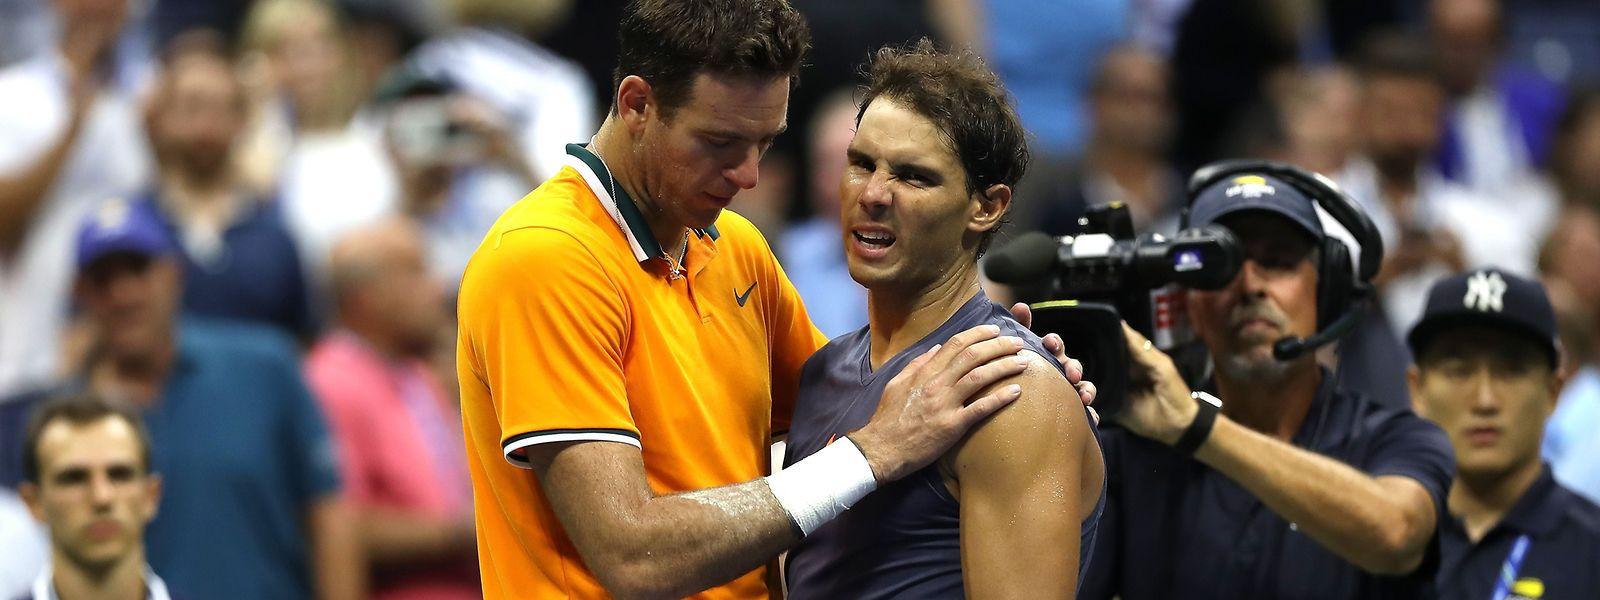 Rafael Nadal erklärt Juan Martin del Potro (l.), warum er nicht weiterspielen kann.